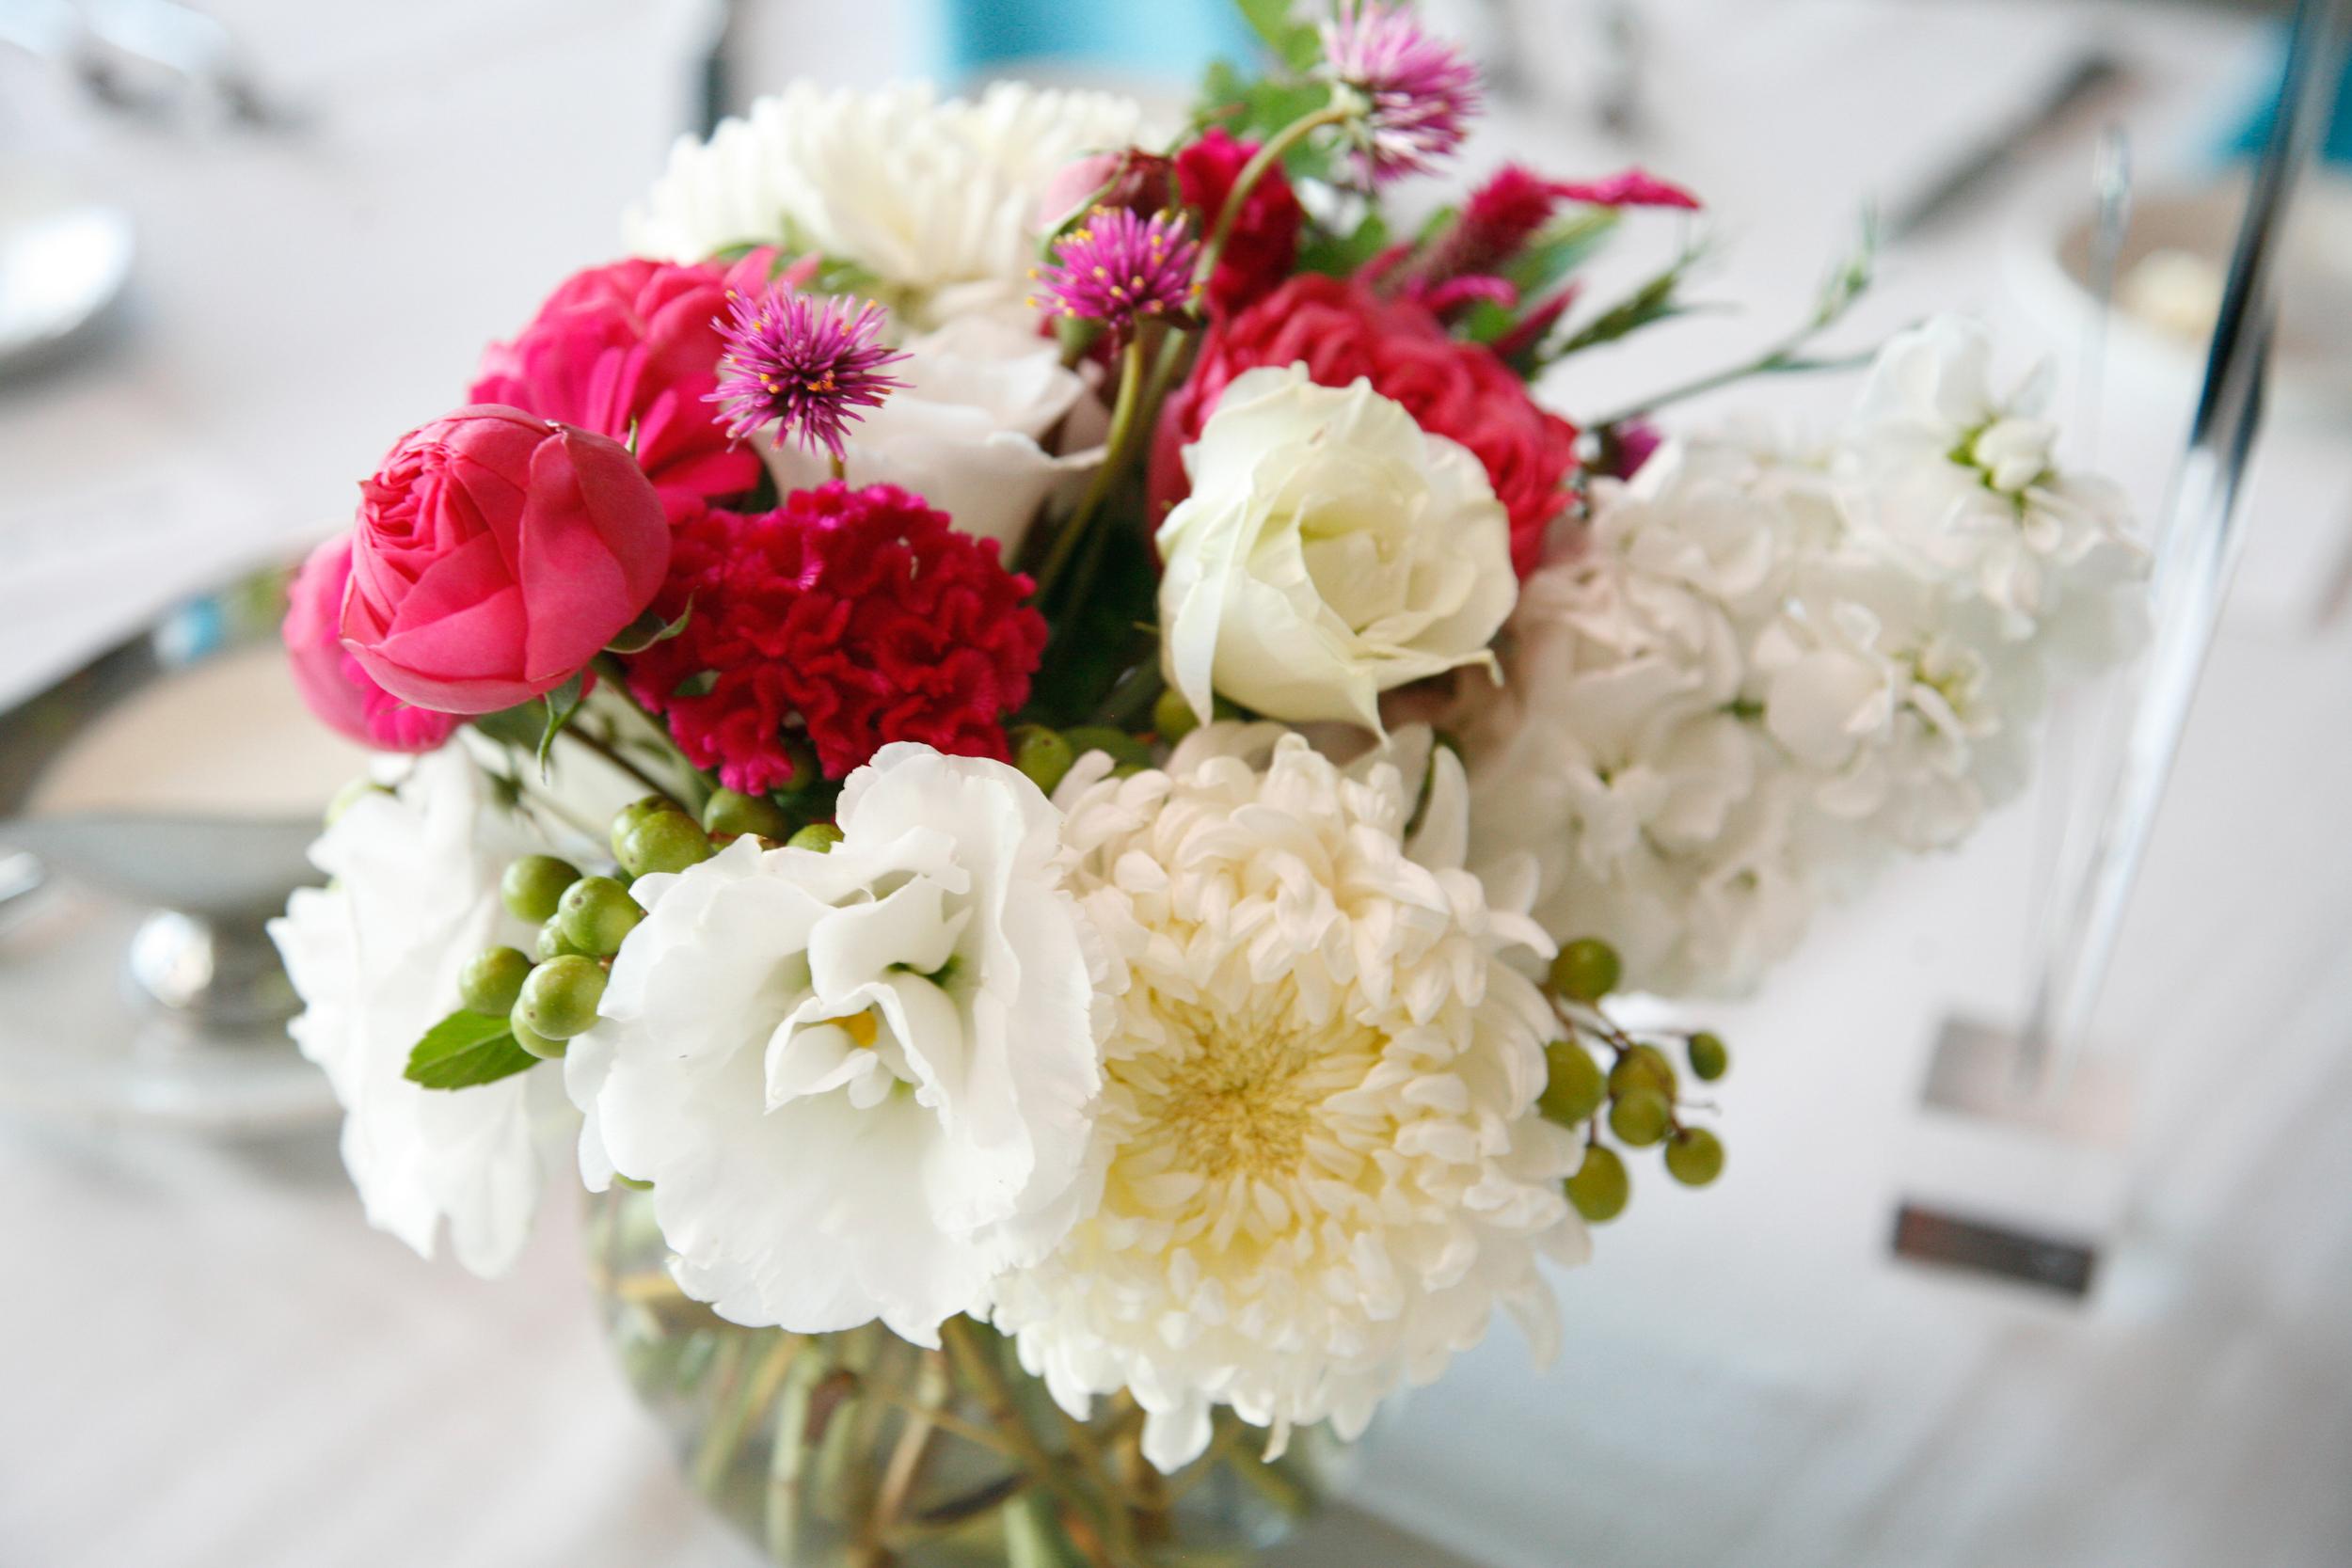 Contact — White Walnut Flower Farm